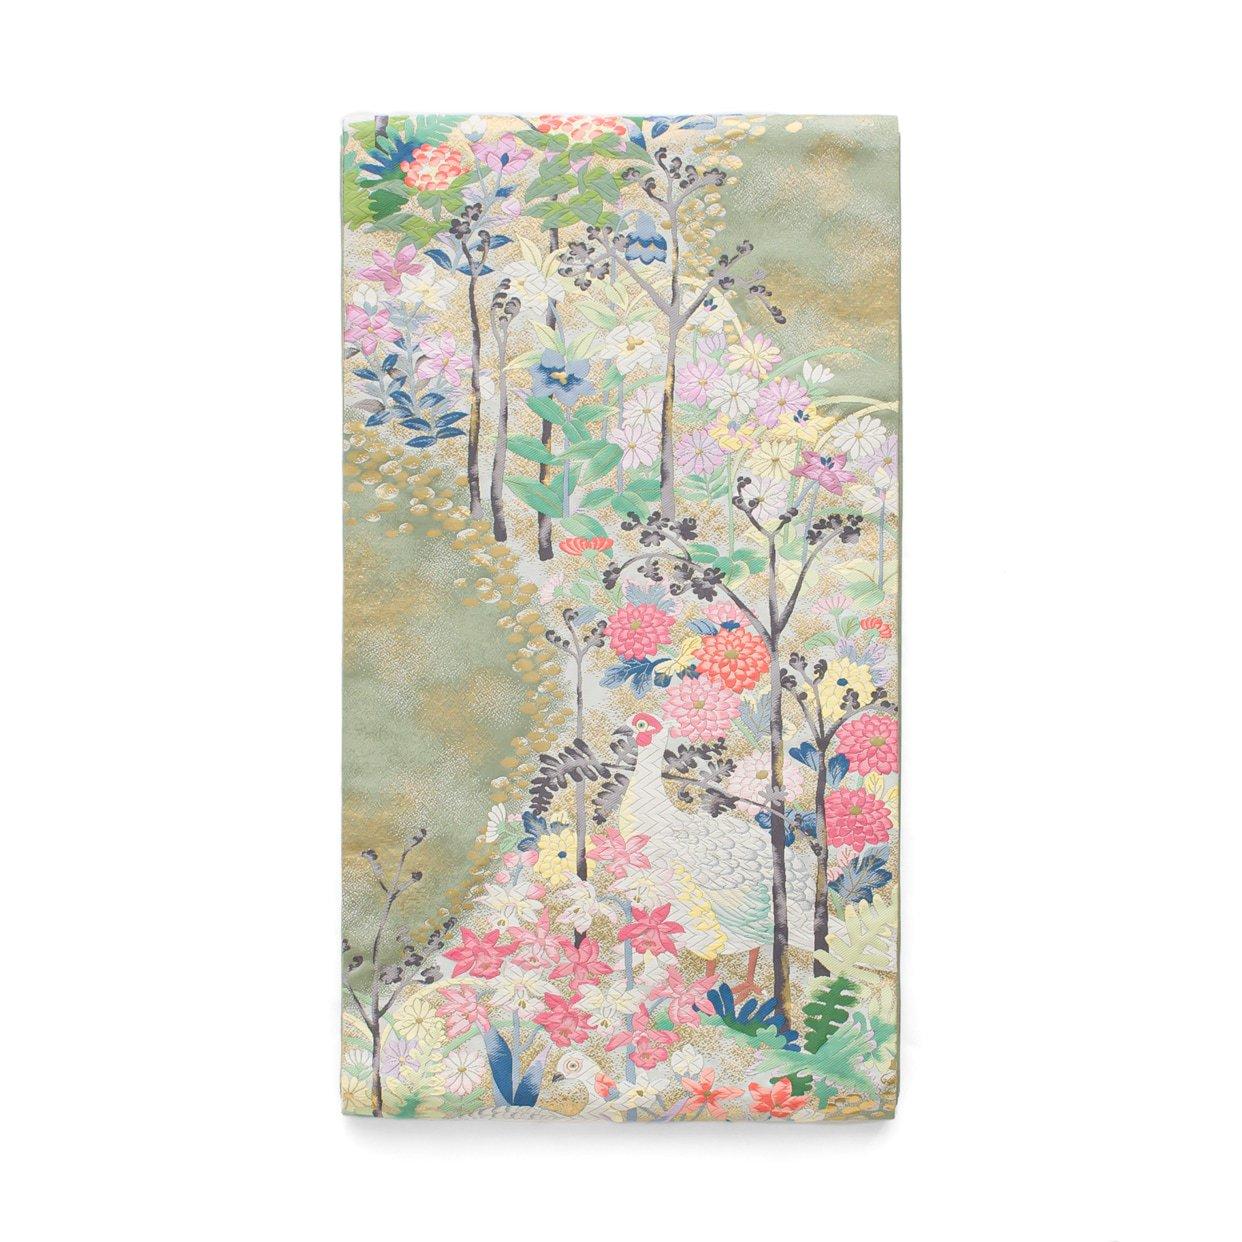 「袋帯●白雉と花の道」の商品画像